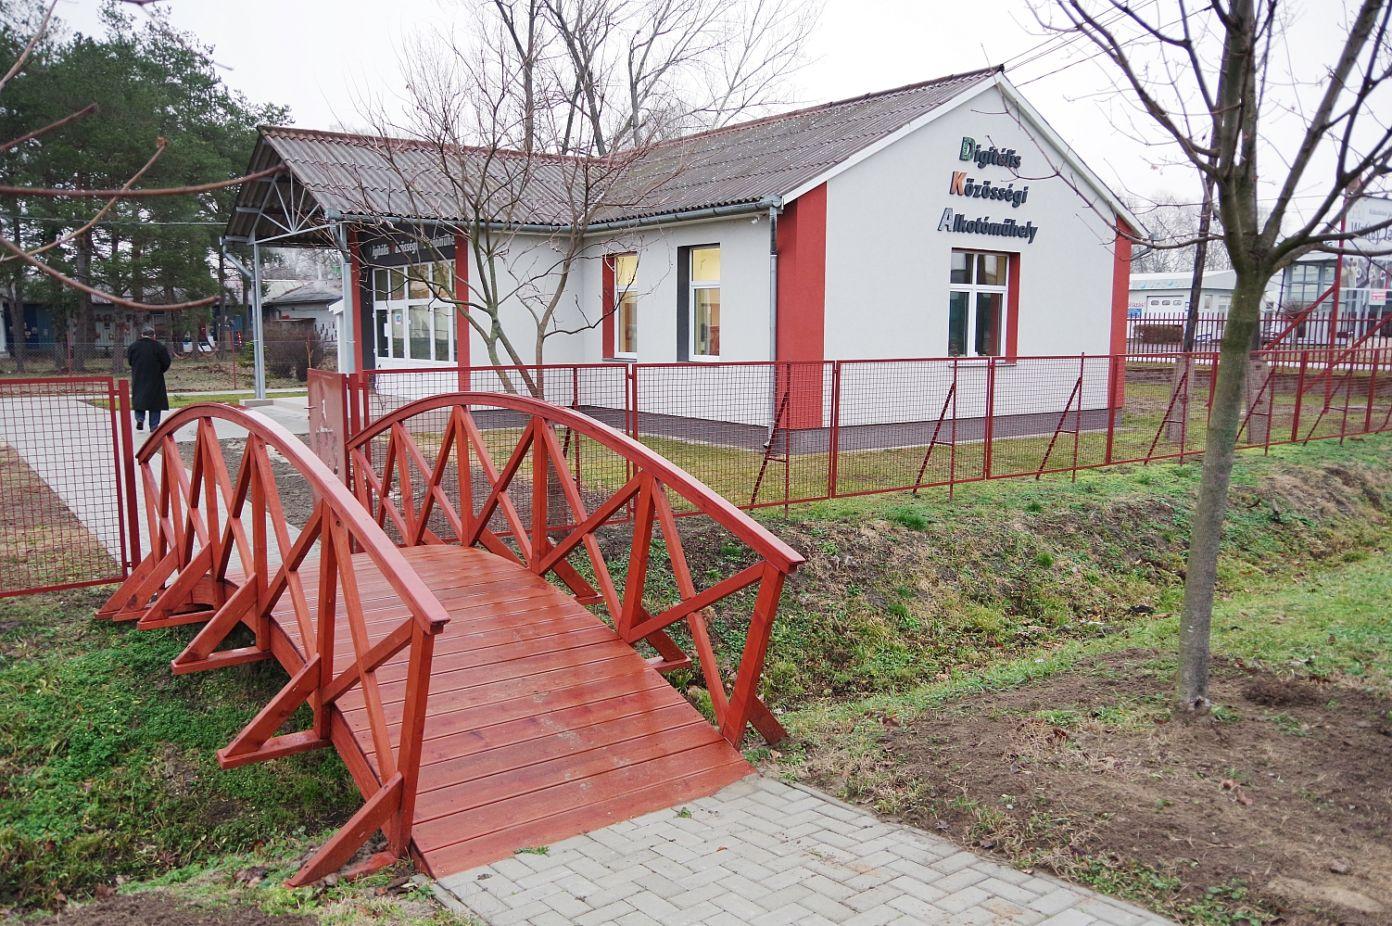 Új szintre lépett a Wattay iskola szakképzése: 170 millió forintos támogatásból tudtak fejleszteni